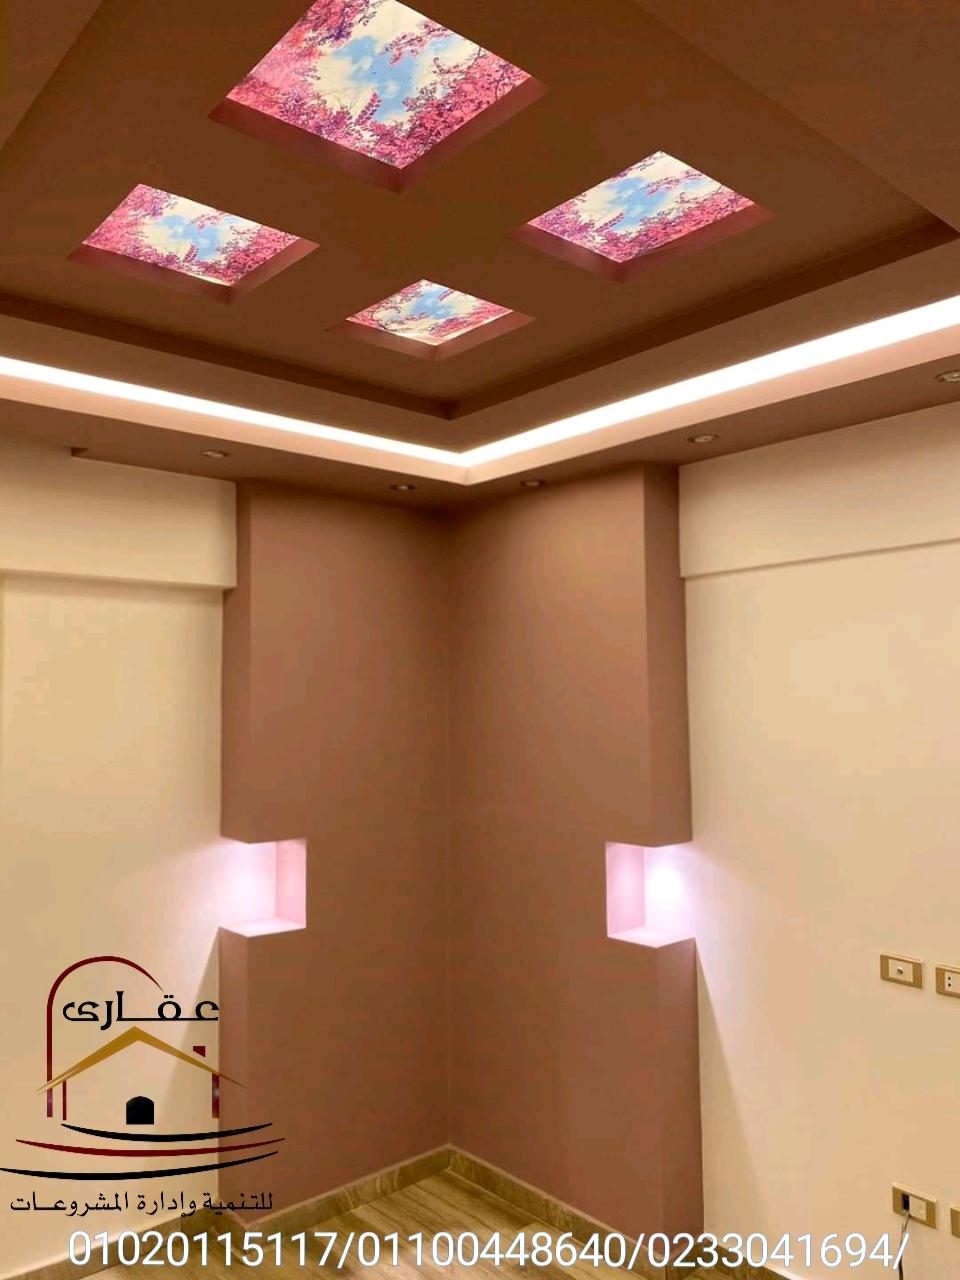 شركات تشطيب دهانات - شركة تشطيب دهانات & شركة عقارى  01020115117  Whats416